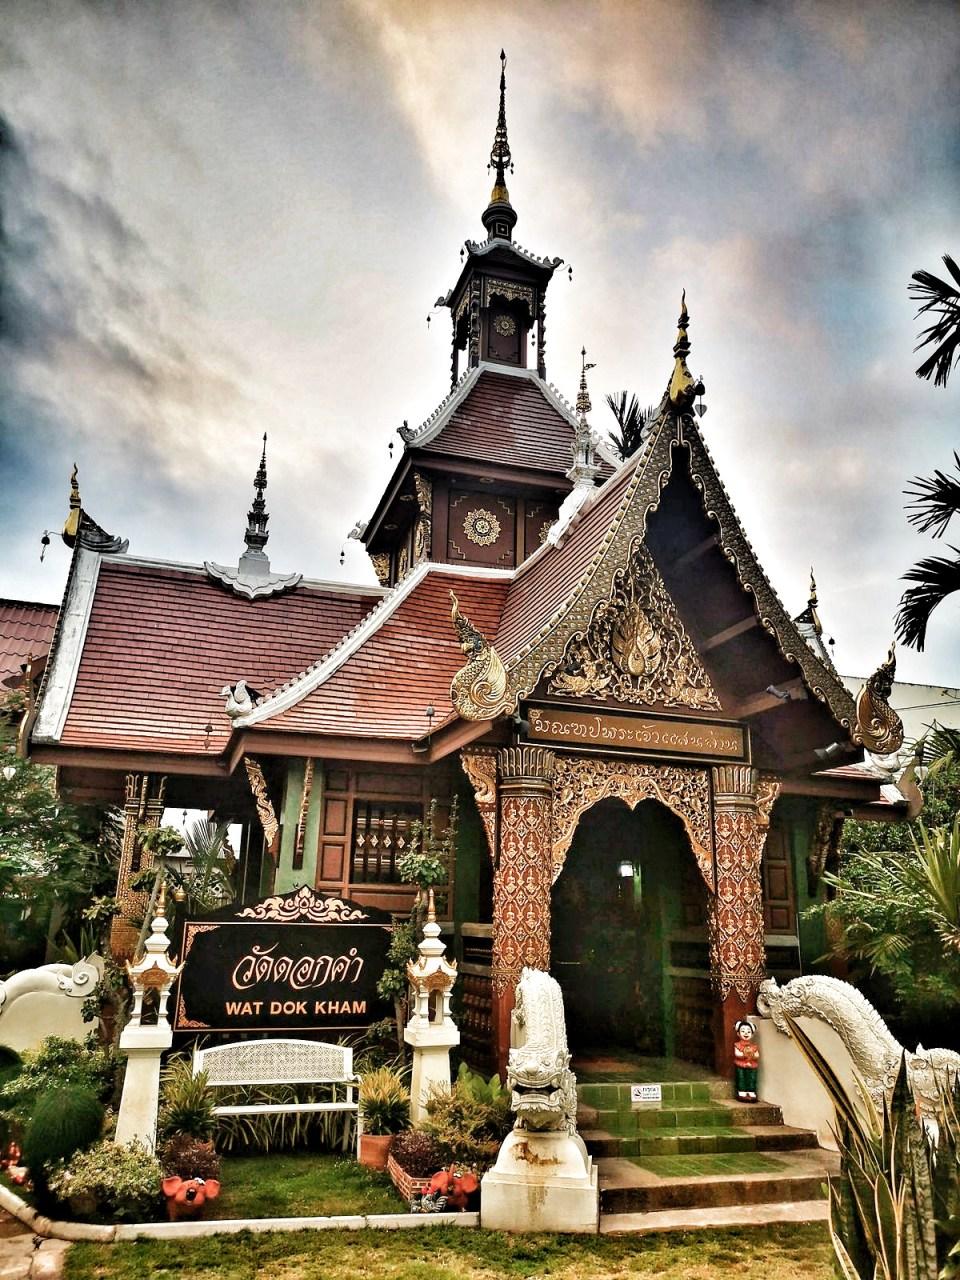 Wat Dok Kham